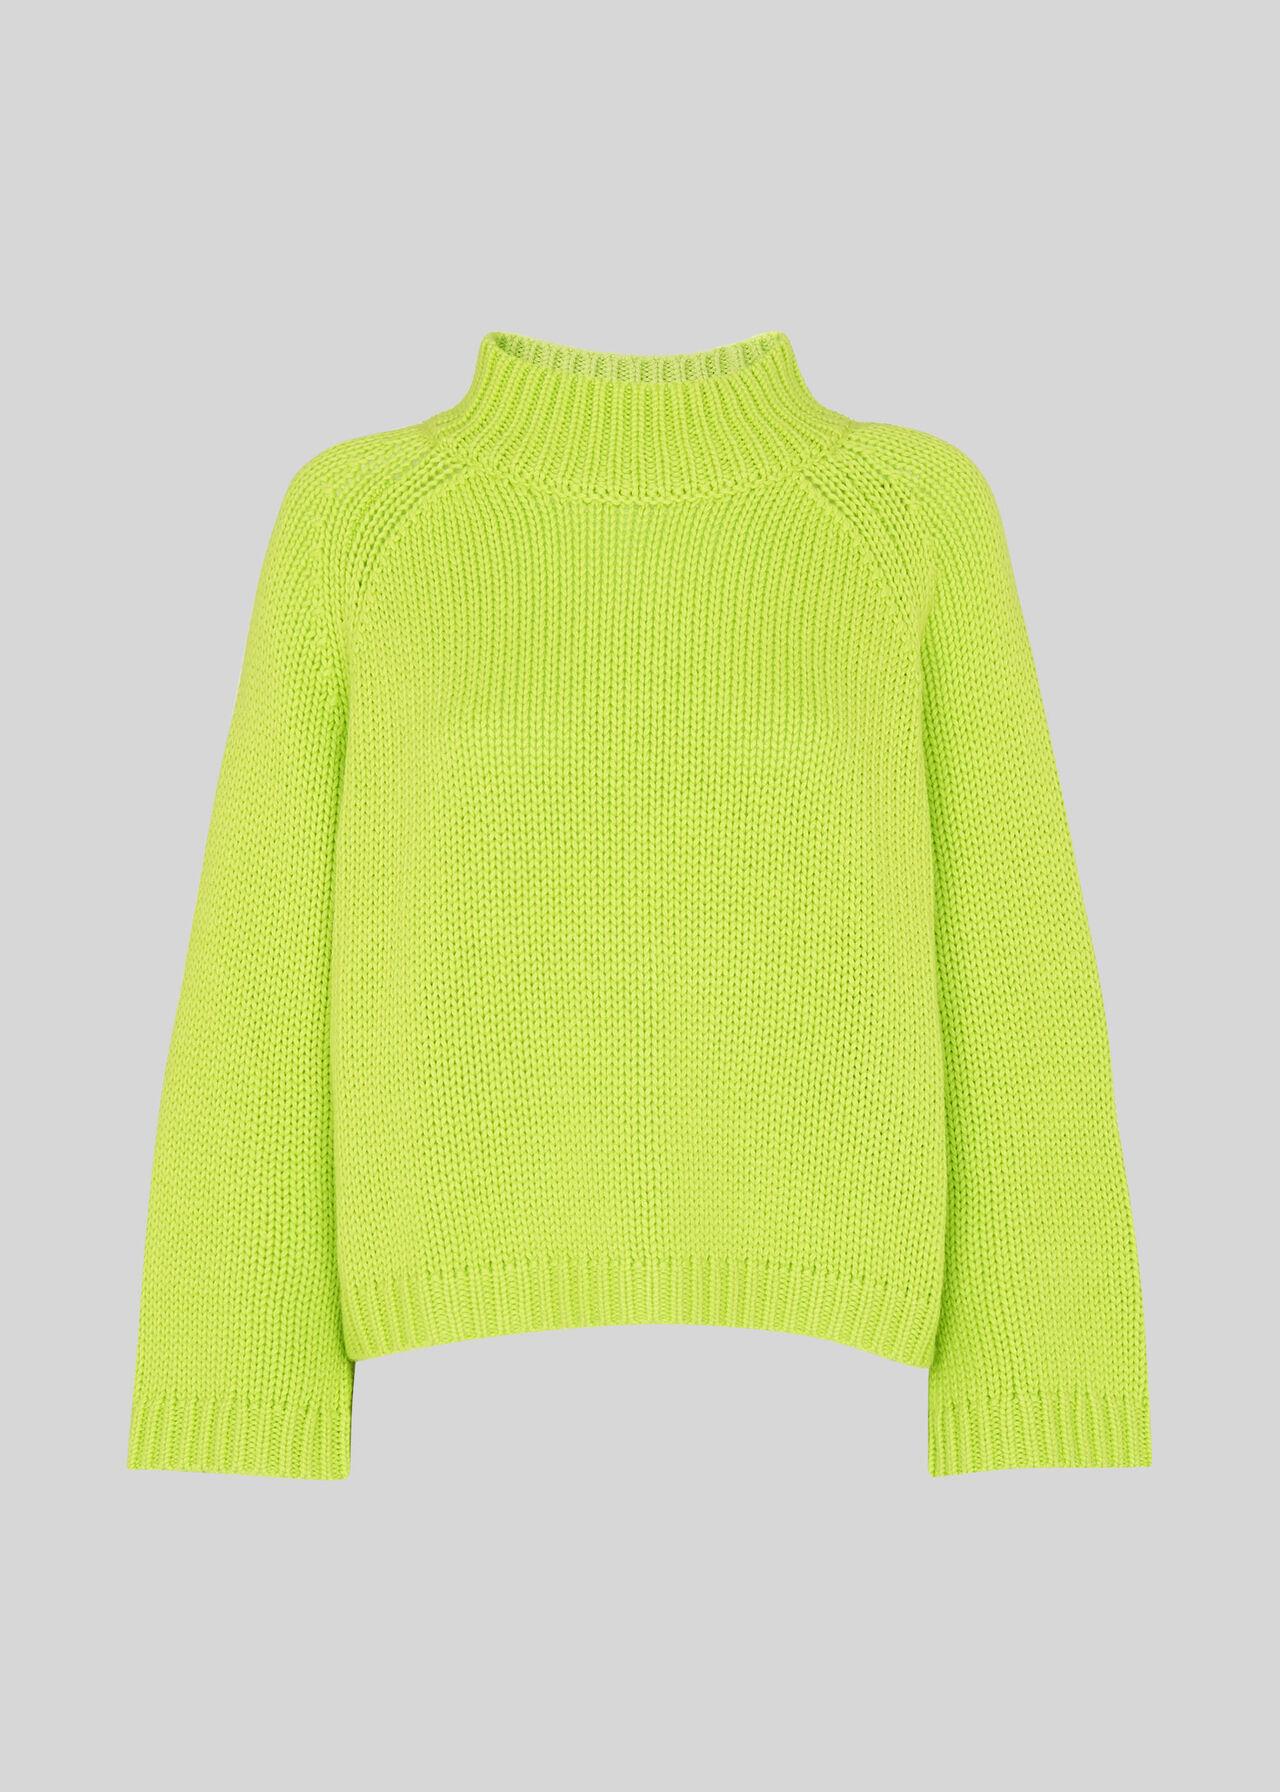 Chunky Alpaca Mix Knit Yellow